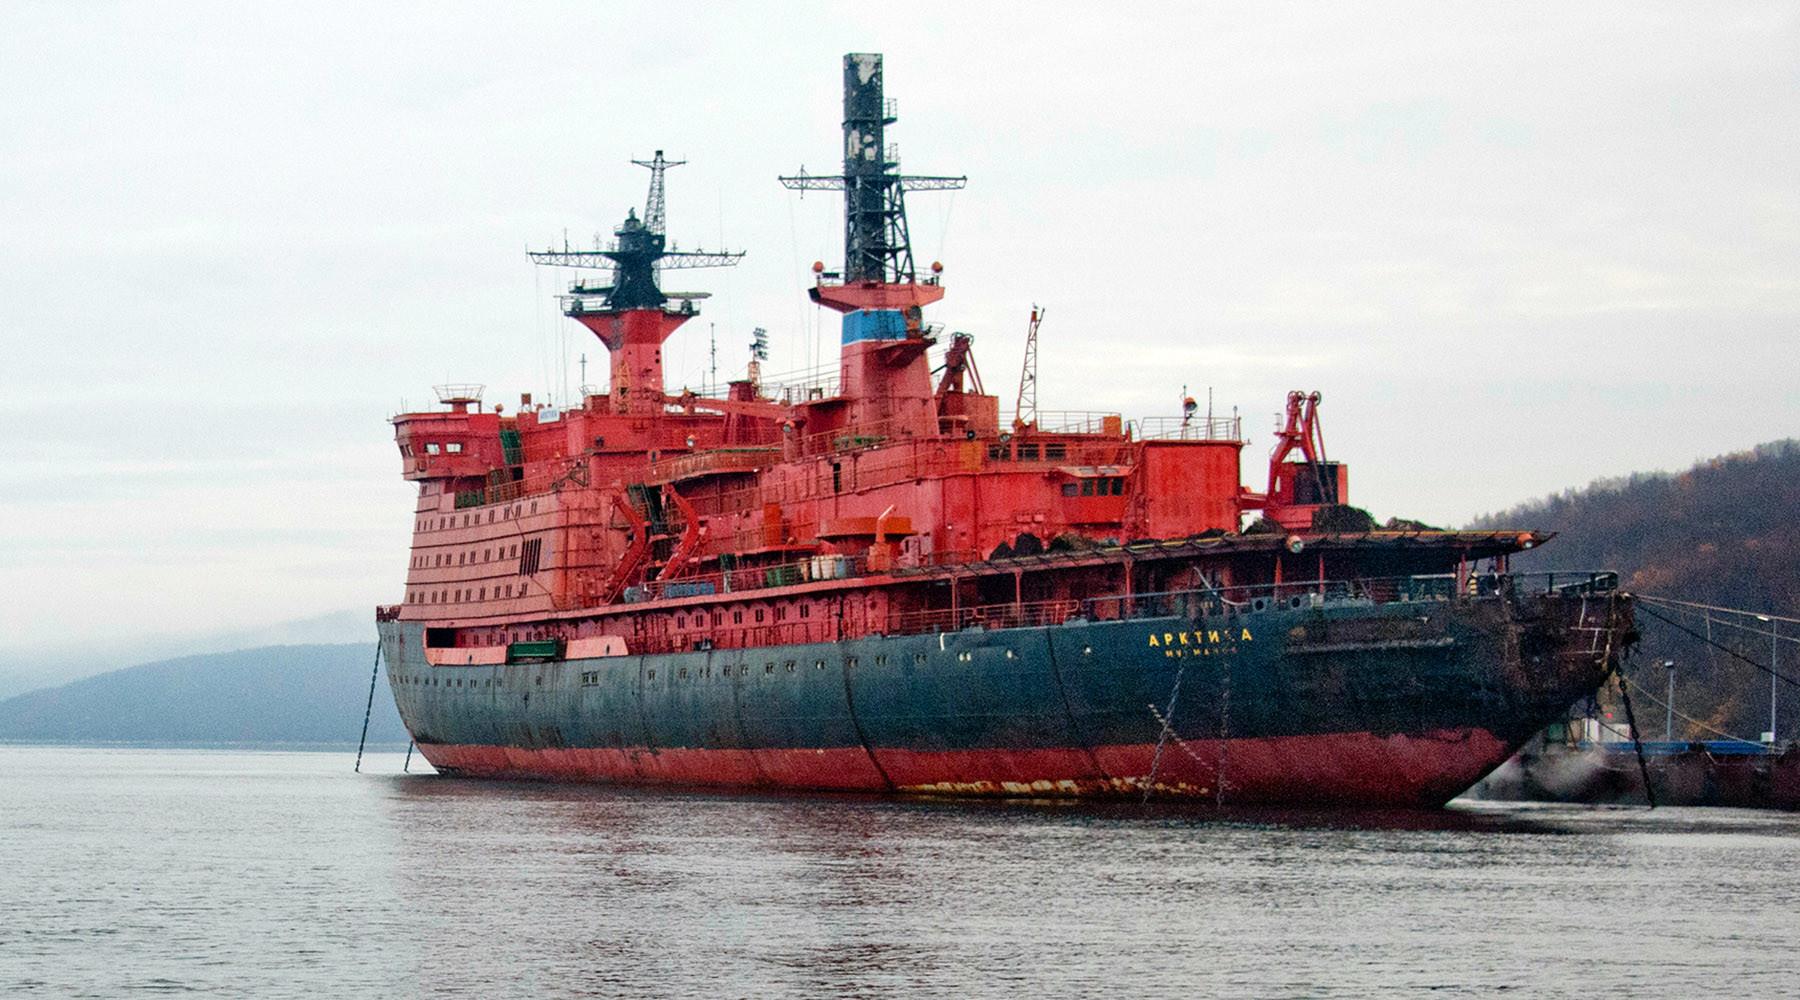 Ледокол арктика картинка